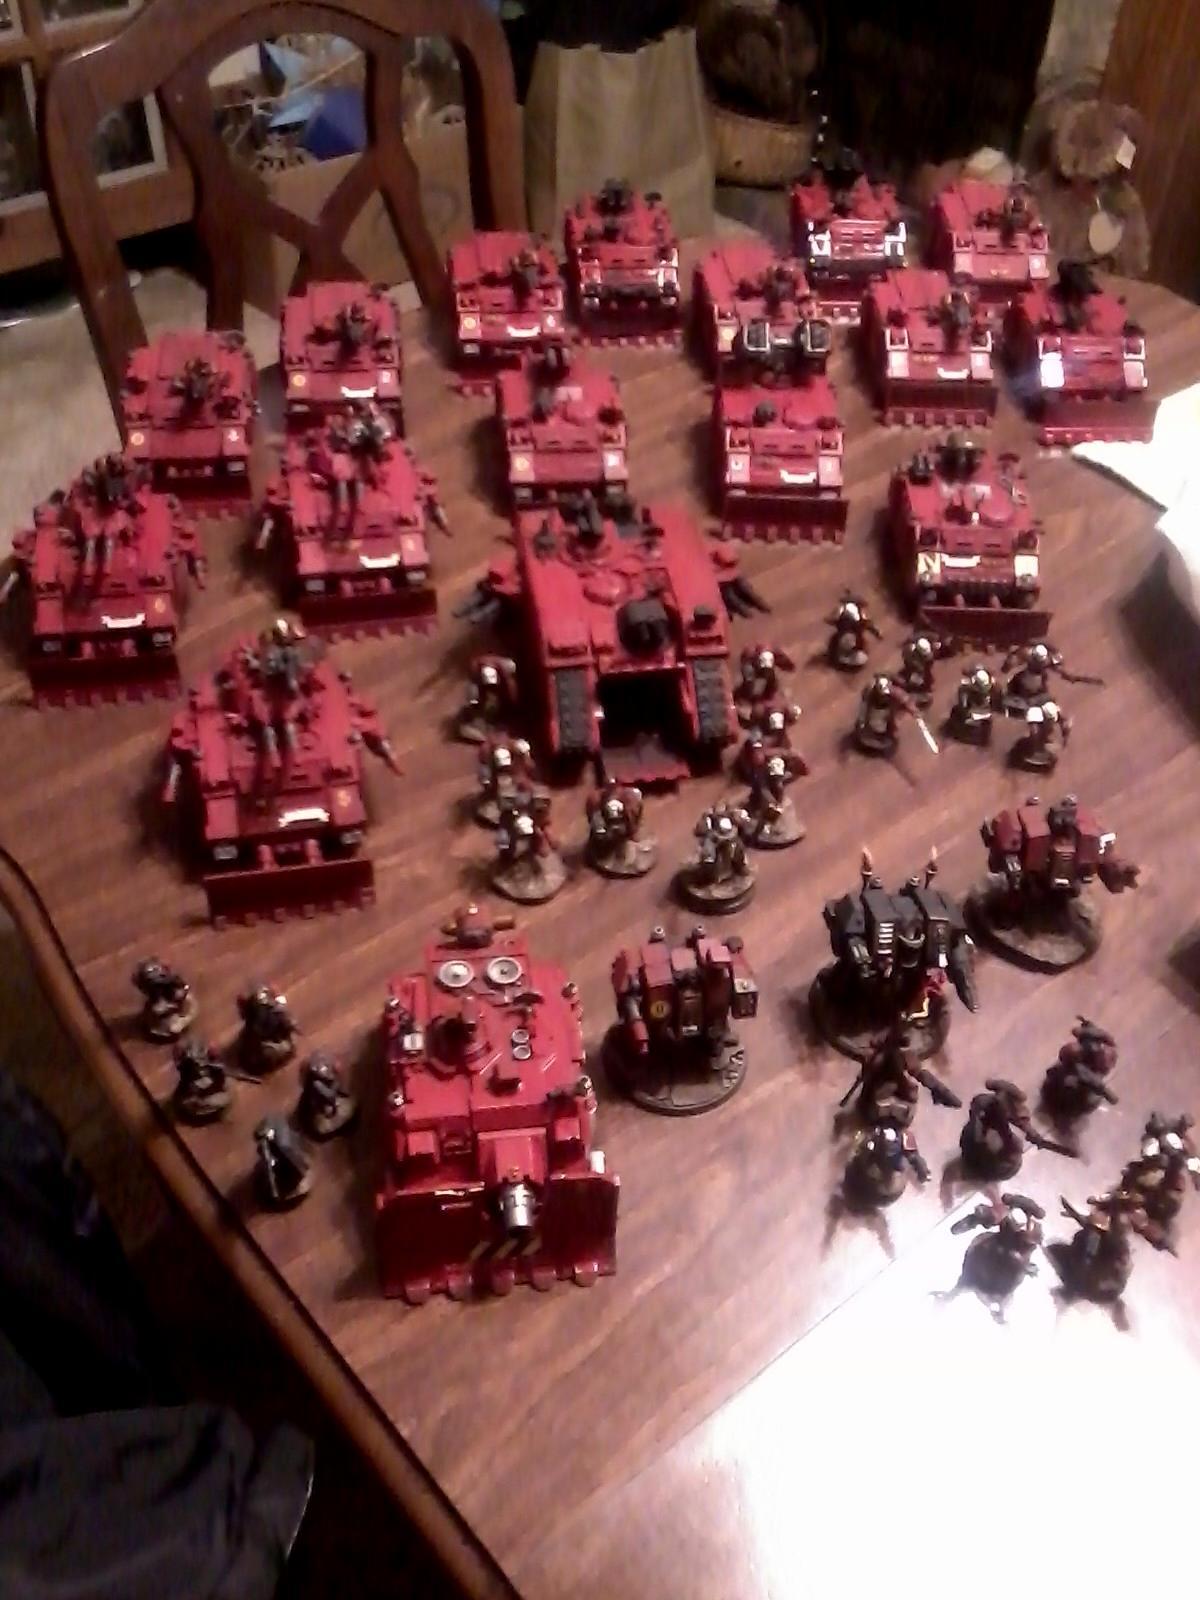 Razorbacks, Red Hunters, Rhinos, Space Marines, Tank